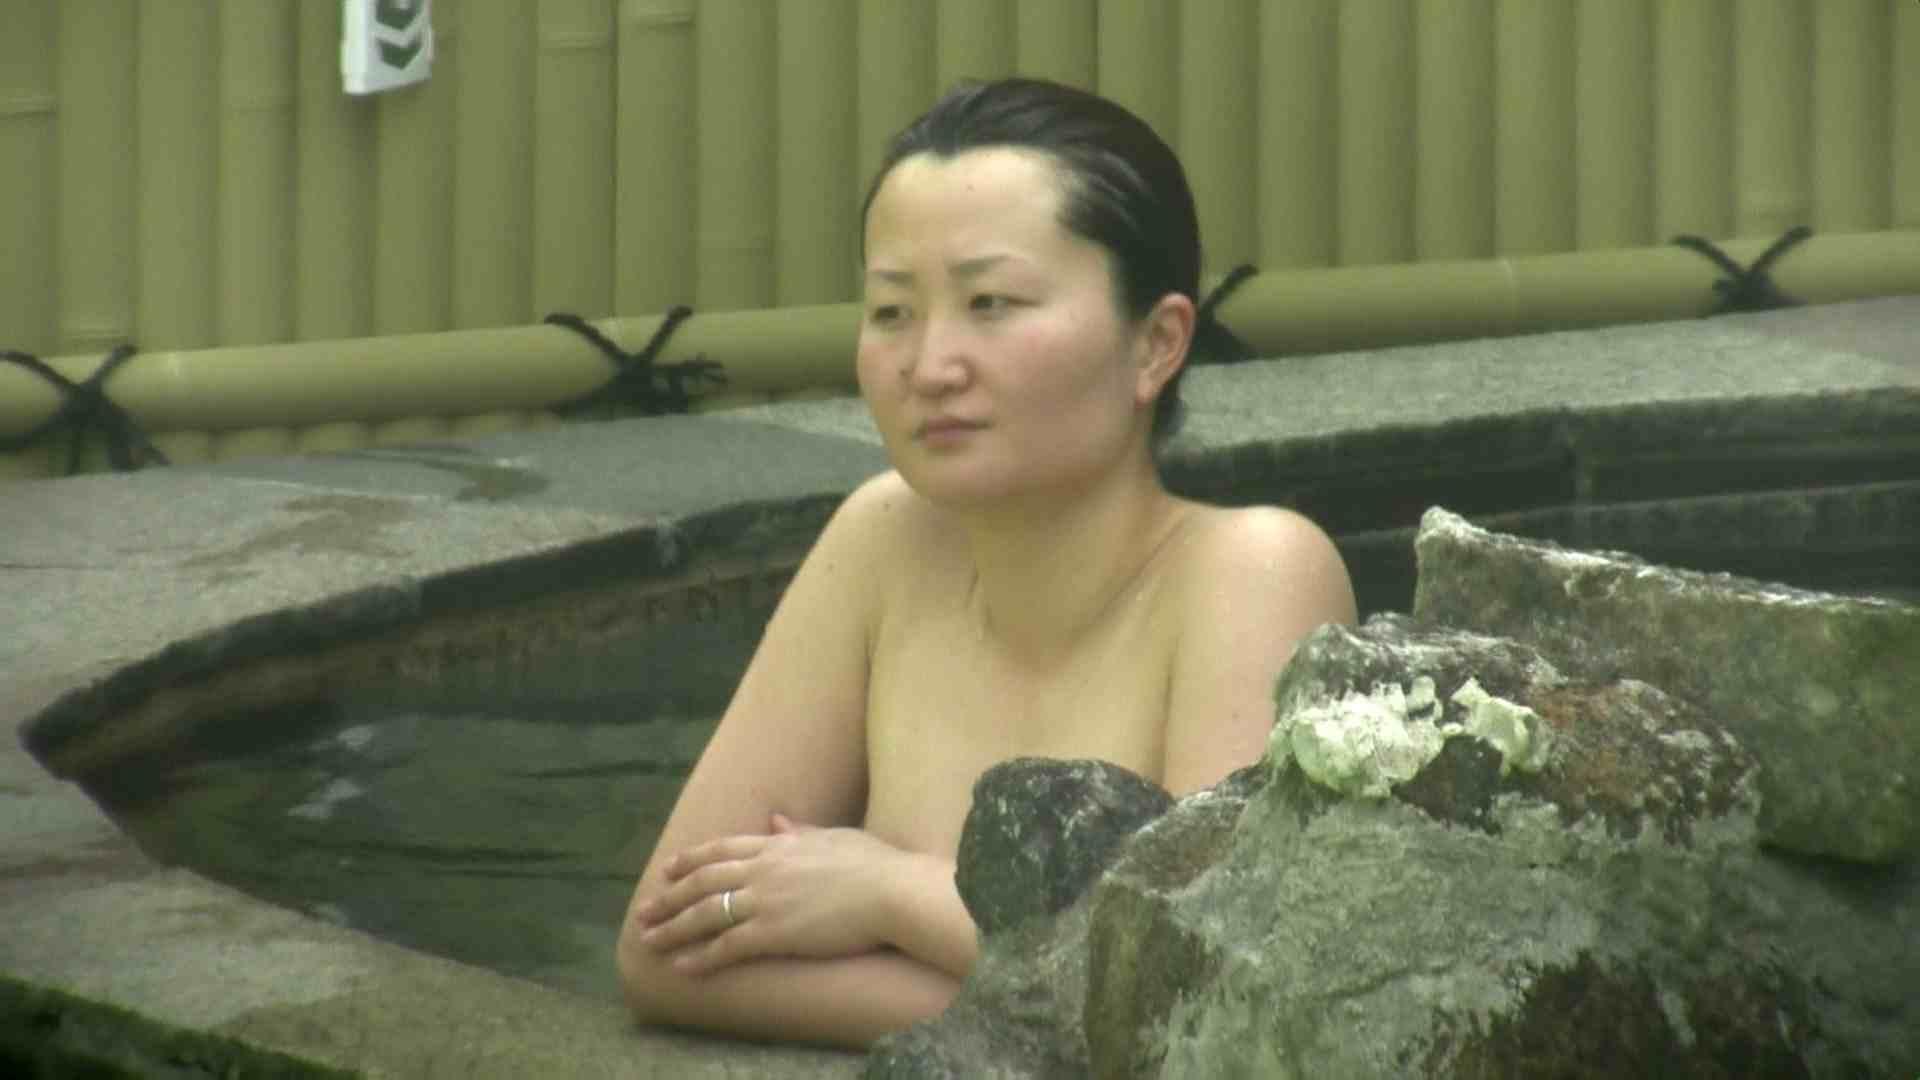 Aquaな露天風呂Vol.632 OL女体 のぞき動画画像 75連発 8